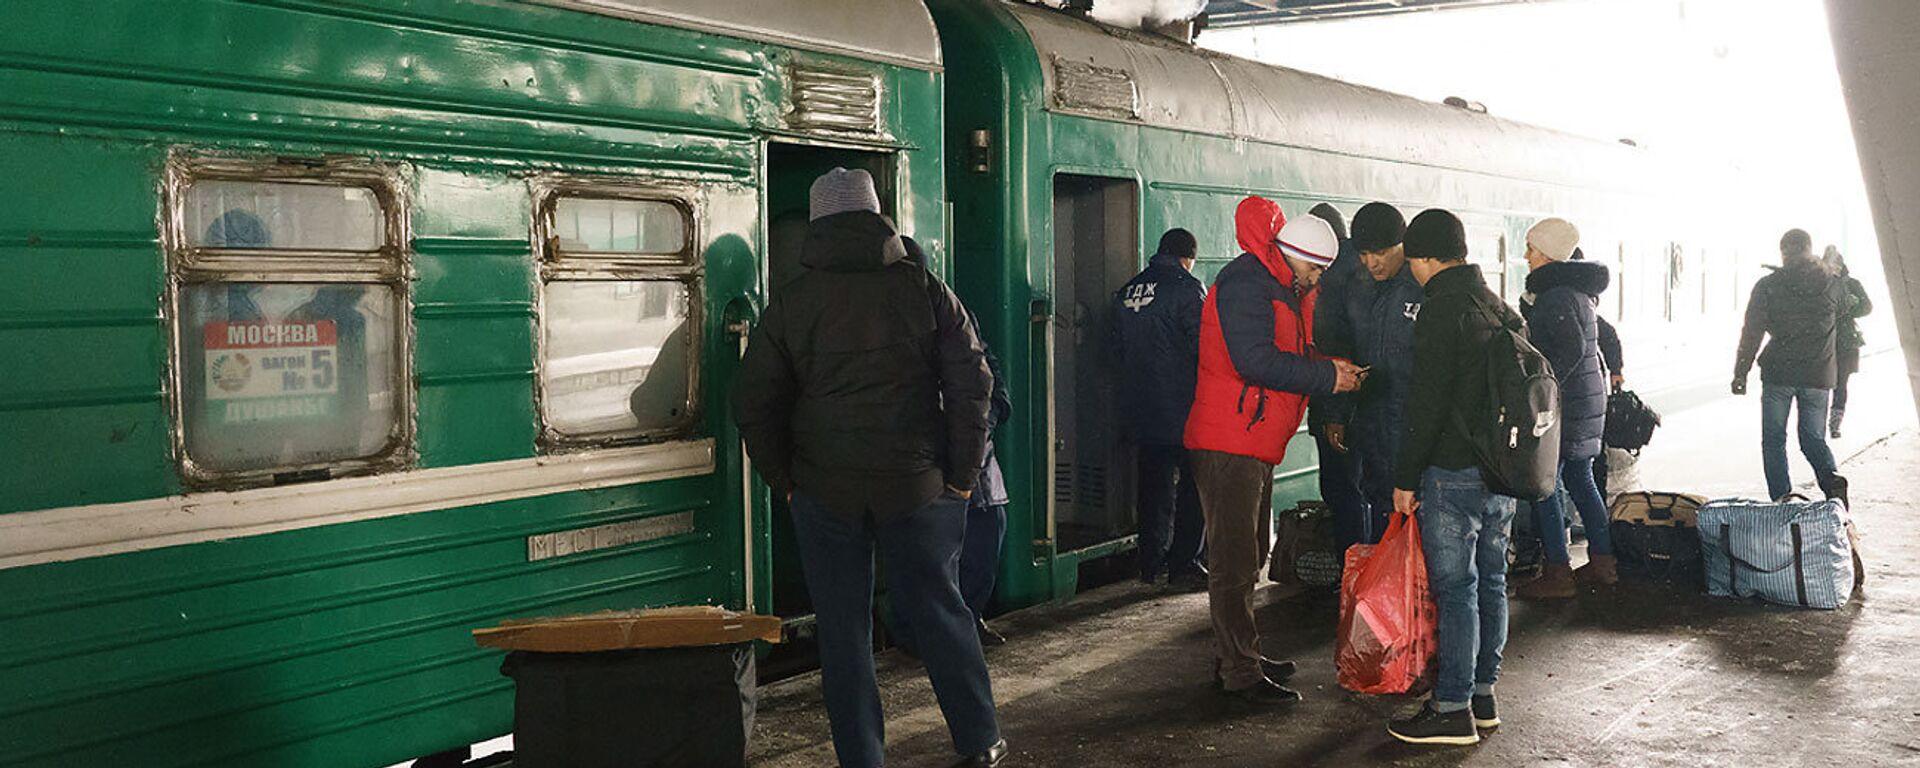 Посадка пассажиров в поезд Москва-Душанбе - Sputnik Таджикистан, 1920, 18.06.2021